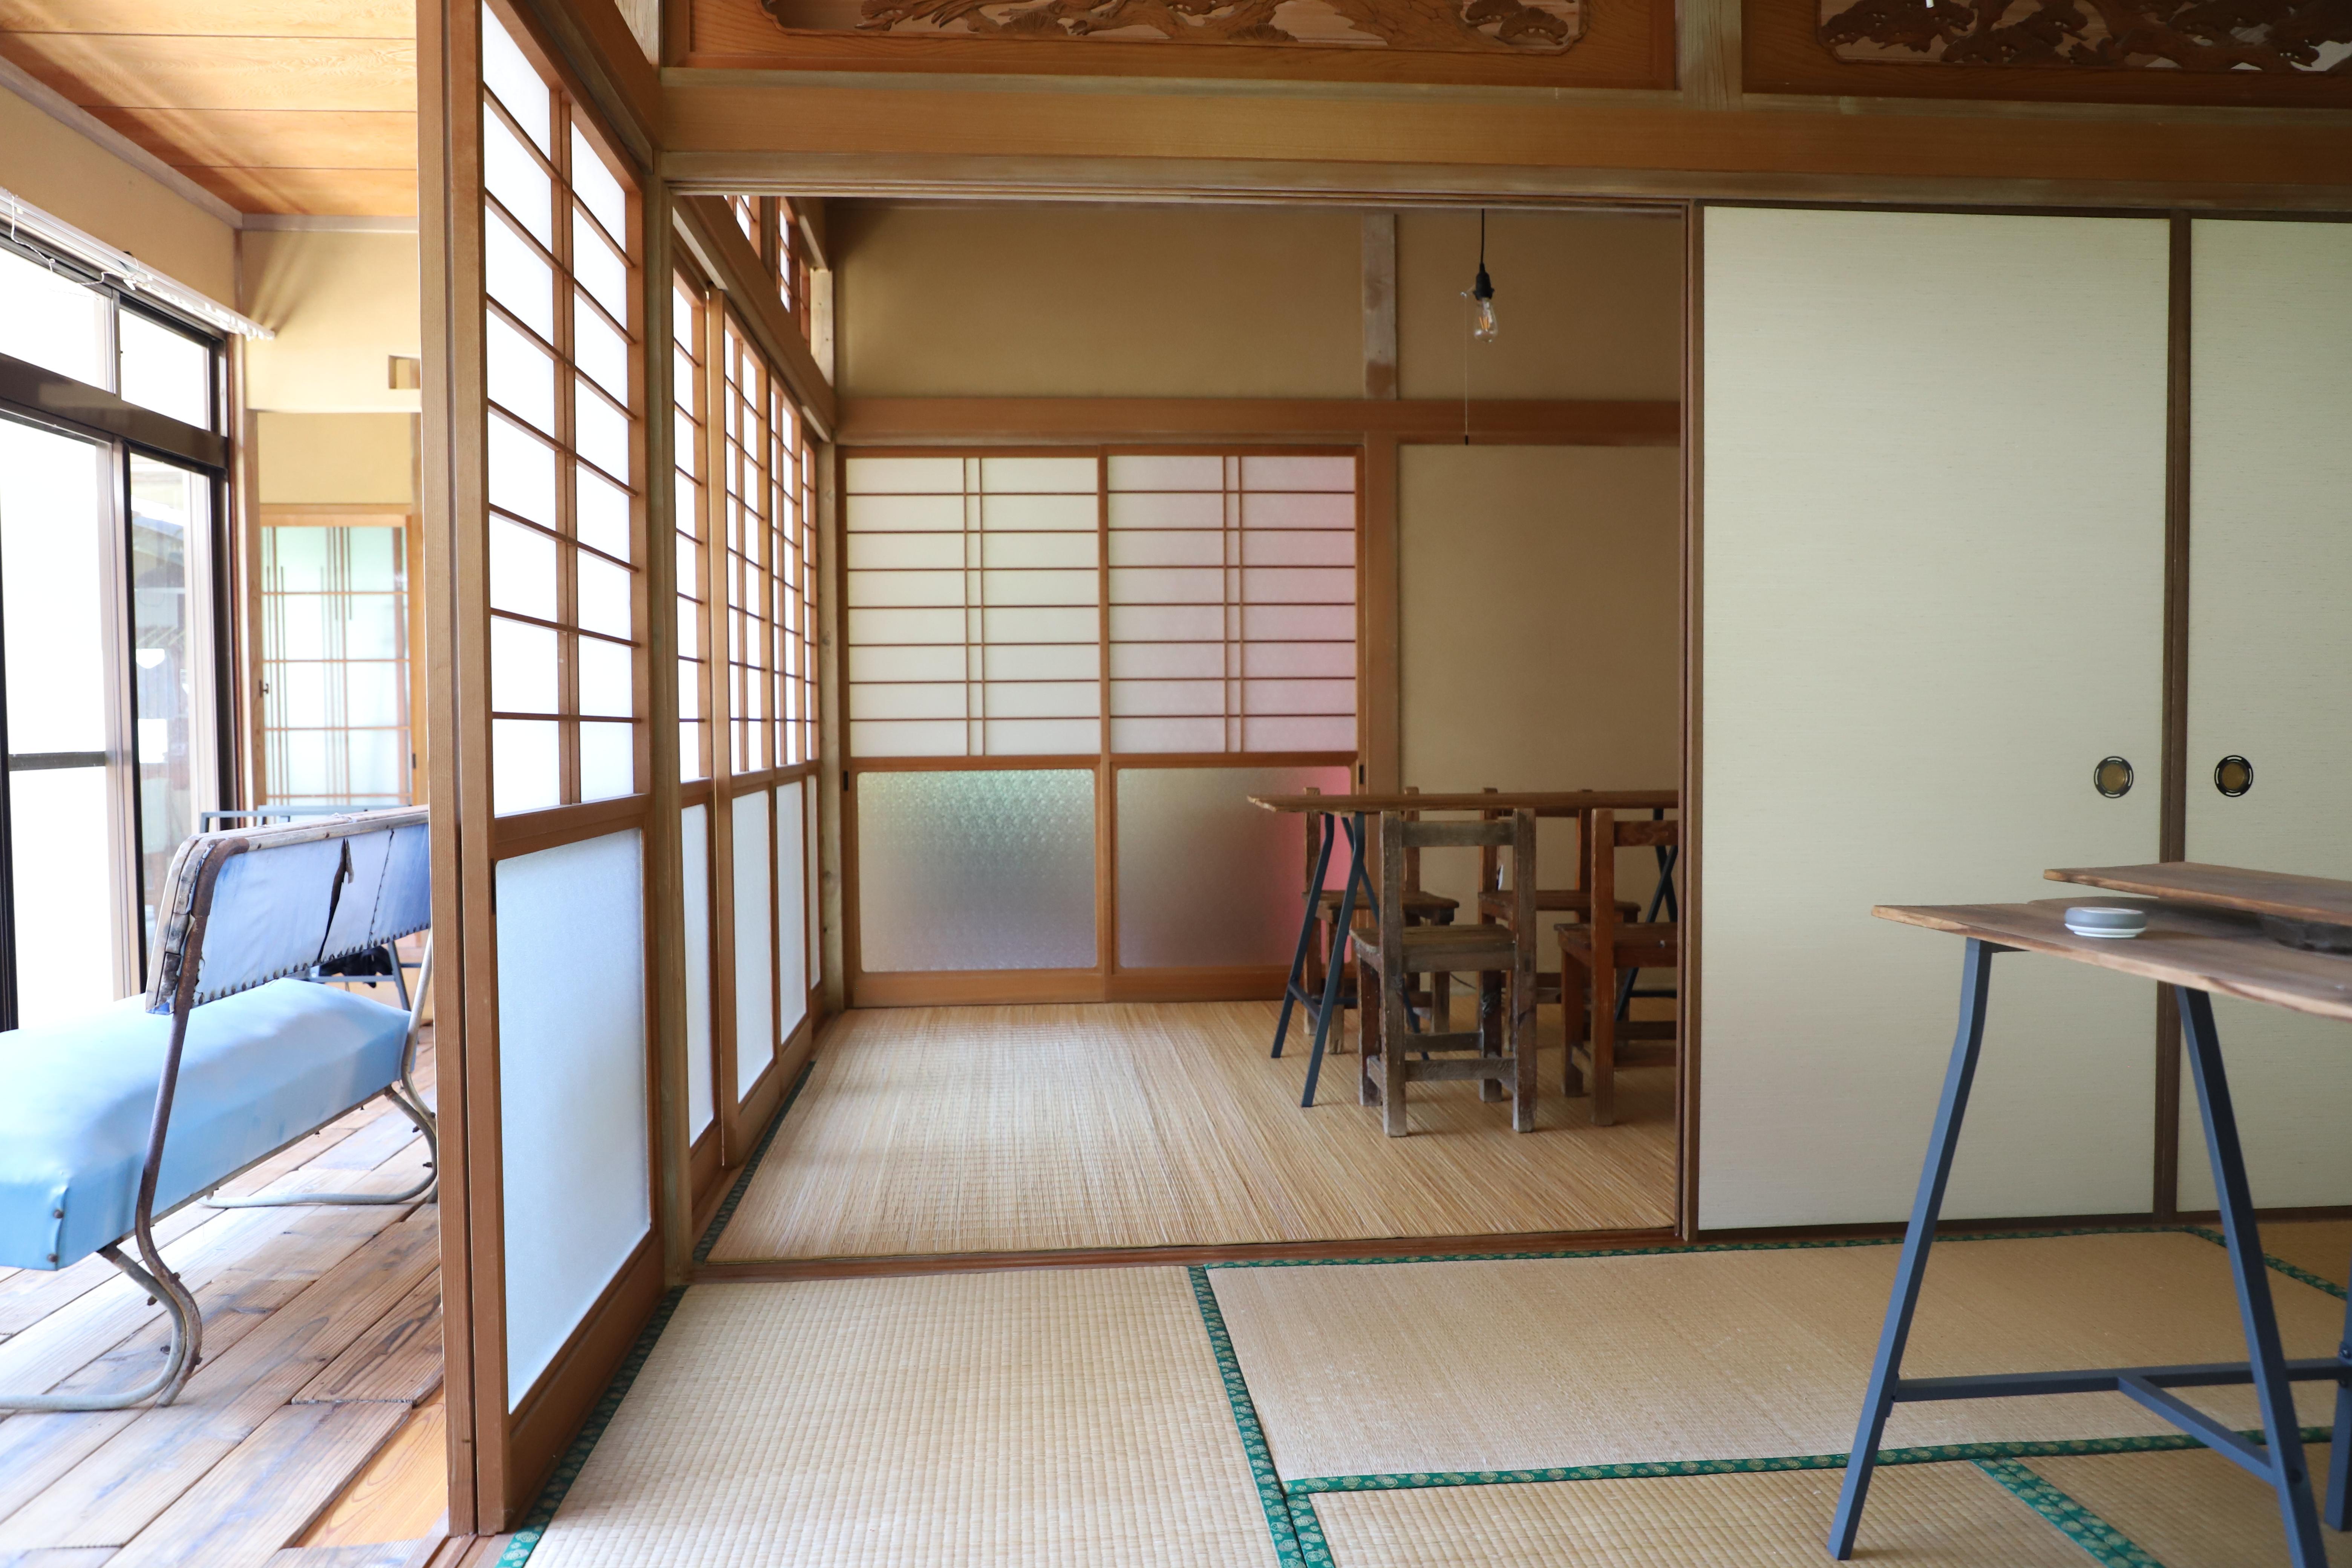 Το σπίτι του Γιάννη Γκίκα στην «πρωτεύουσα» της πορσελάνης, την Αρίτα της Ιαπωνίας.